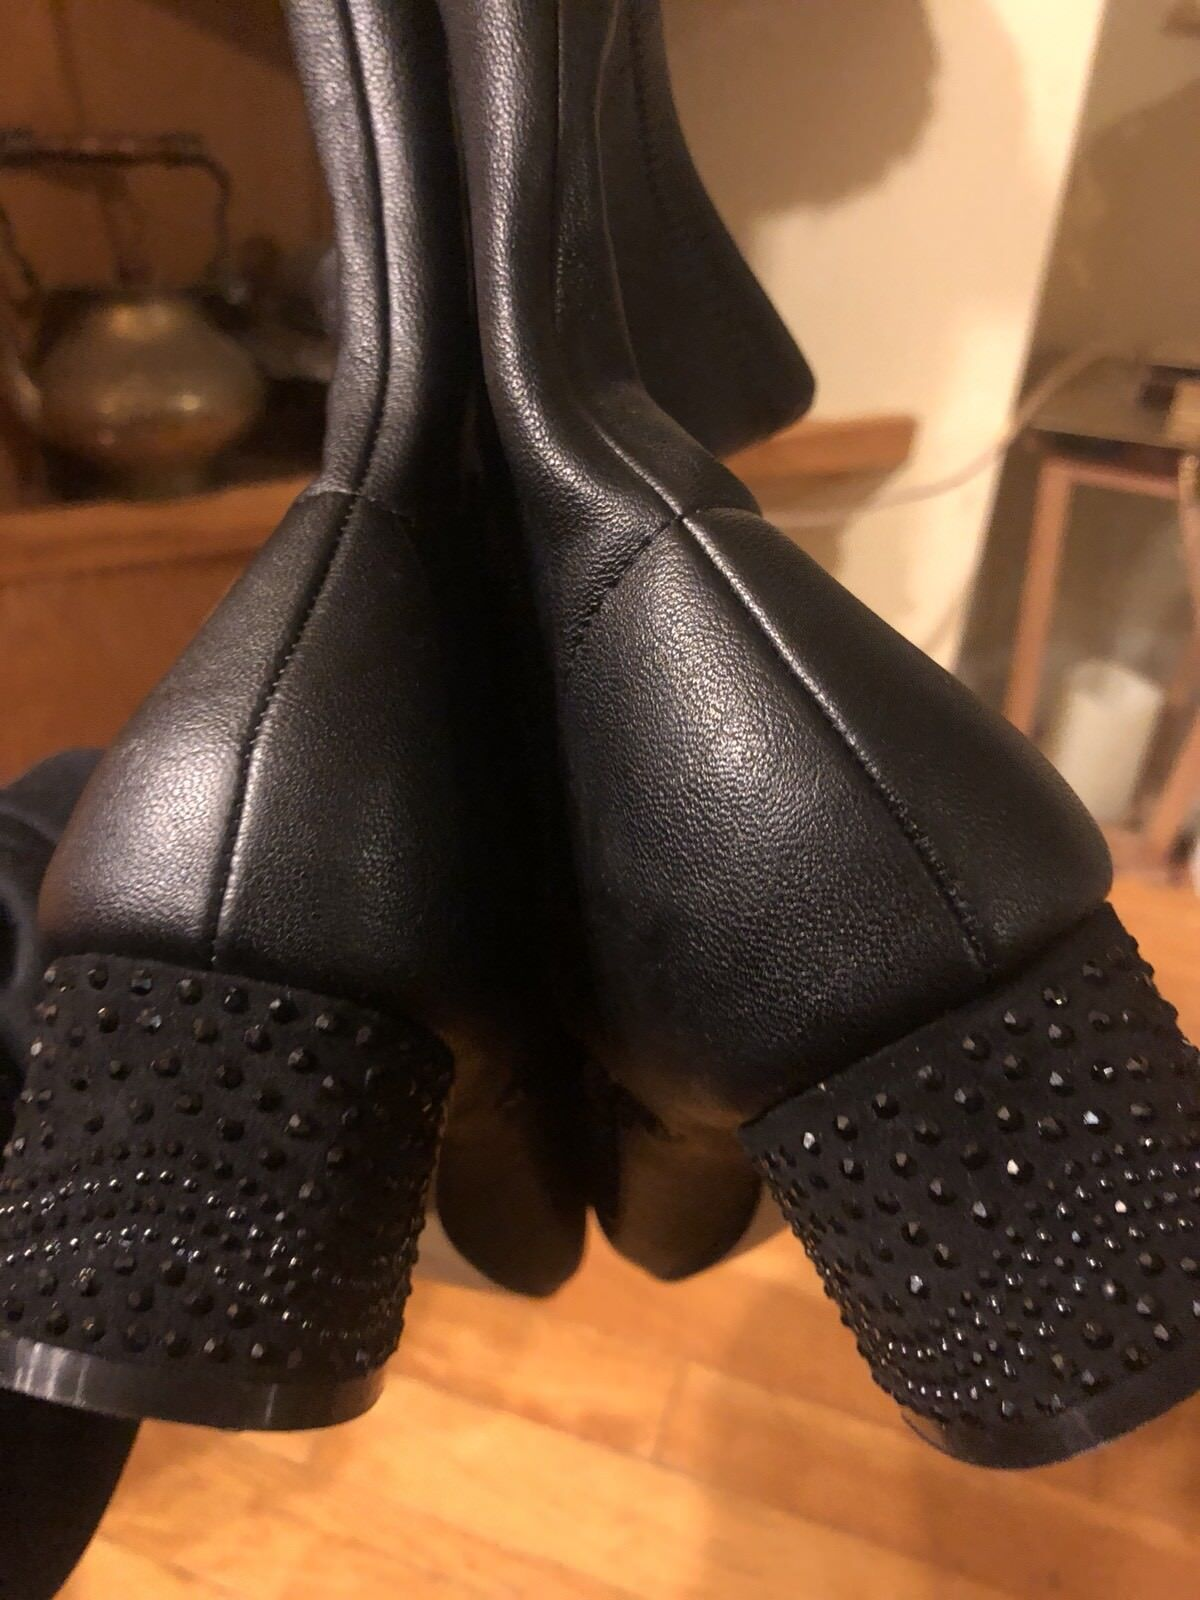 Badgley Mischka American Glamourös Strass Absatz Stiefel Größe 7